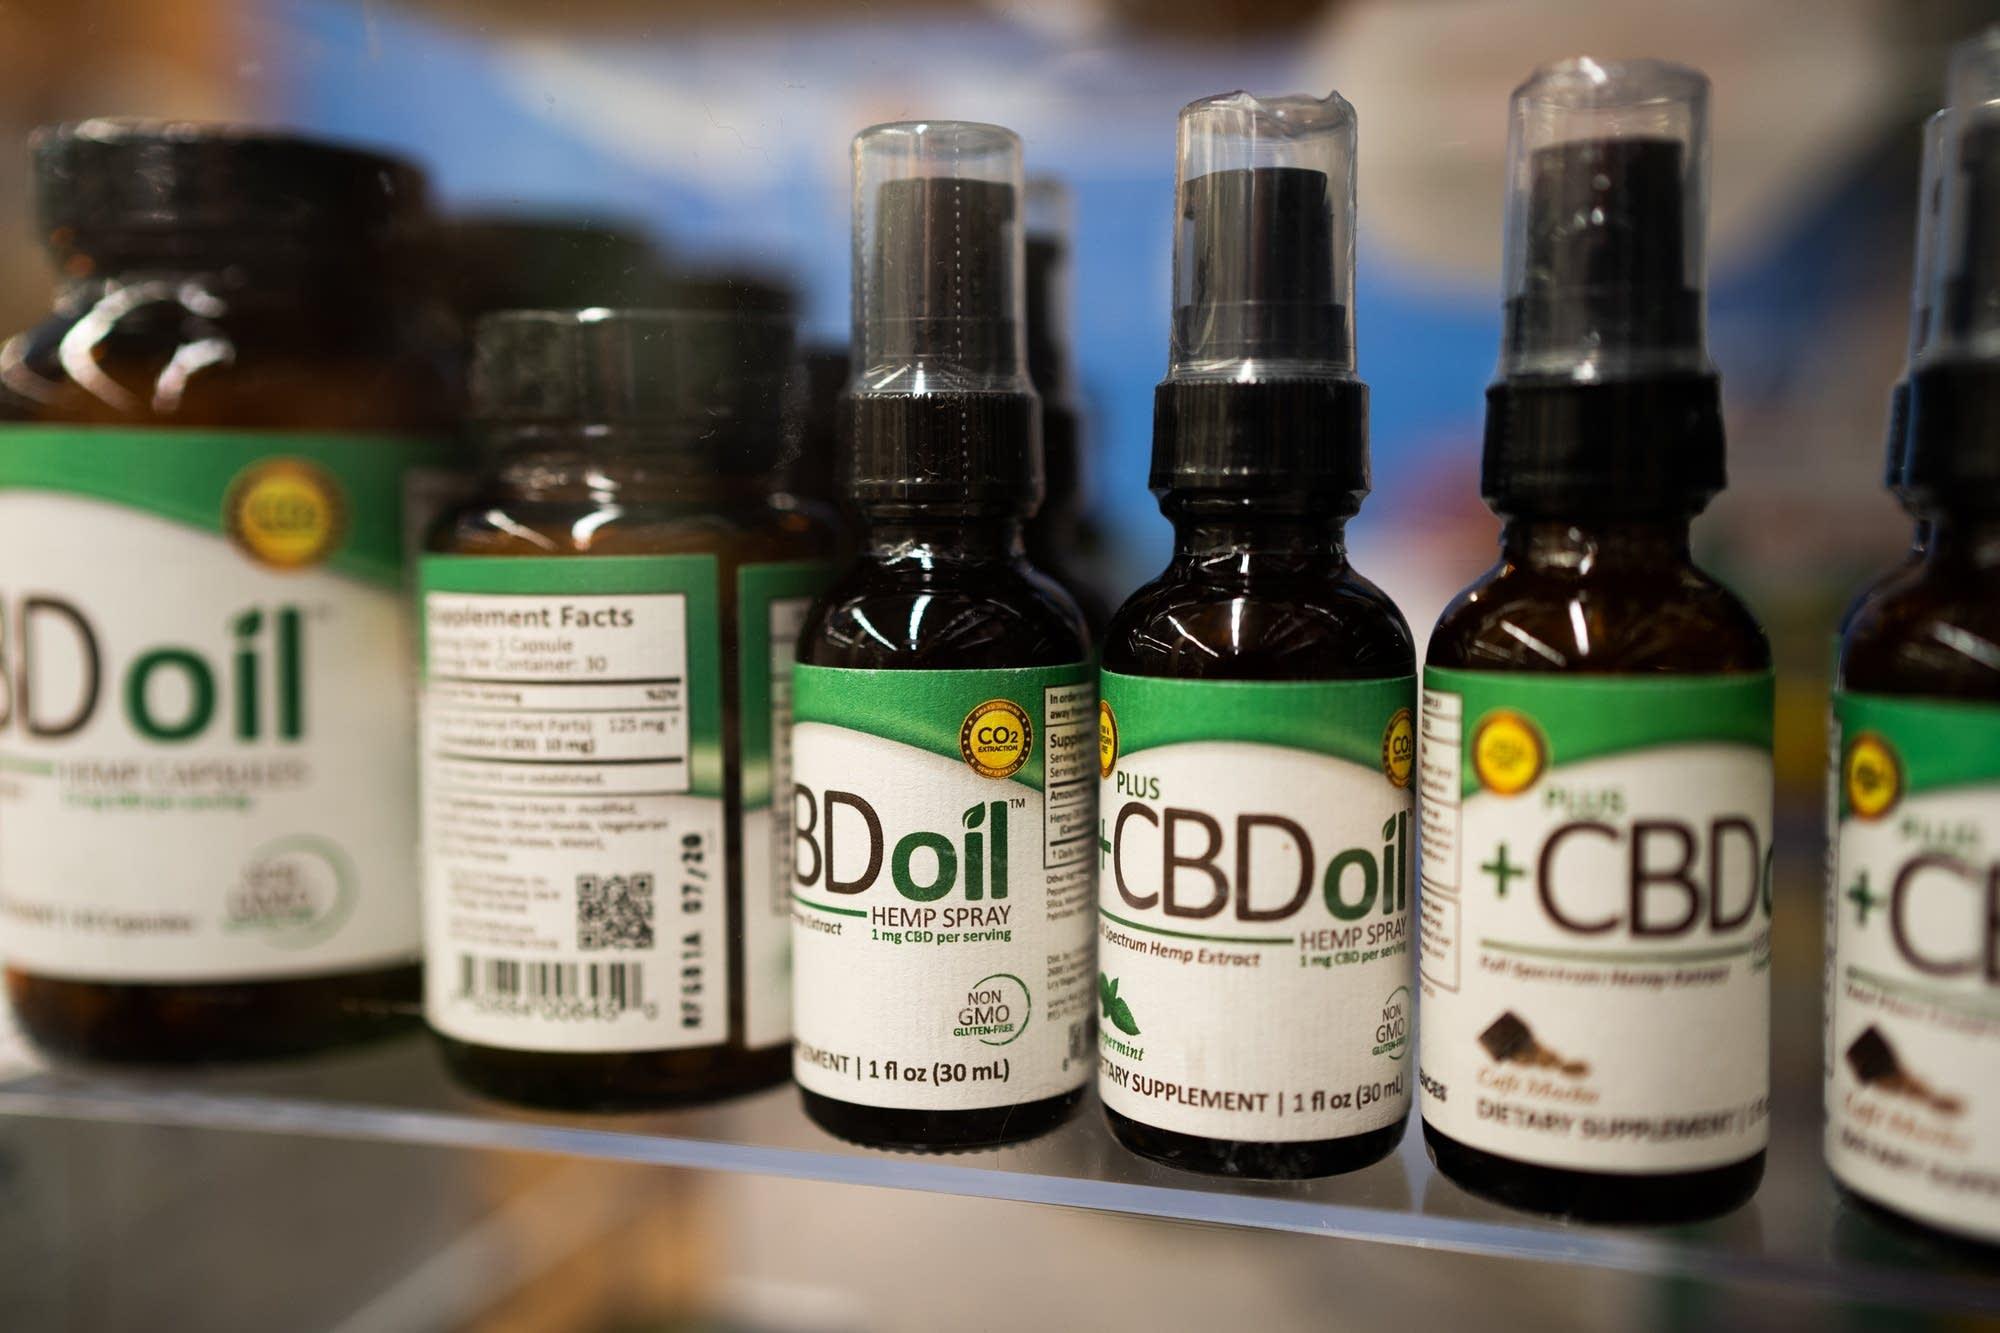 Cannabis Oil Curing Tumors